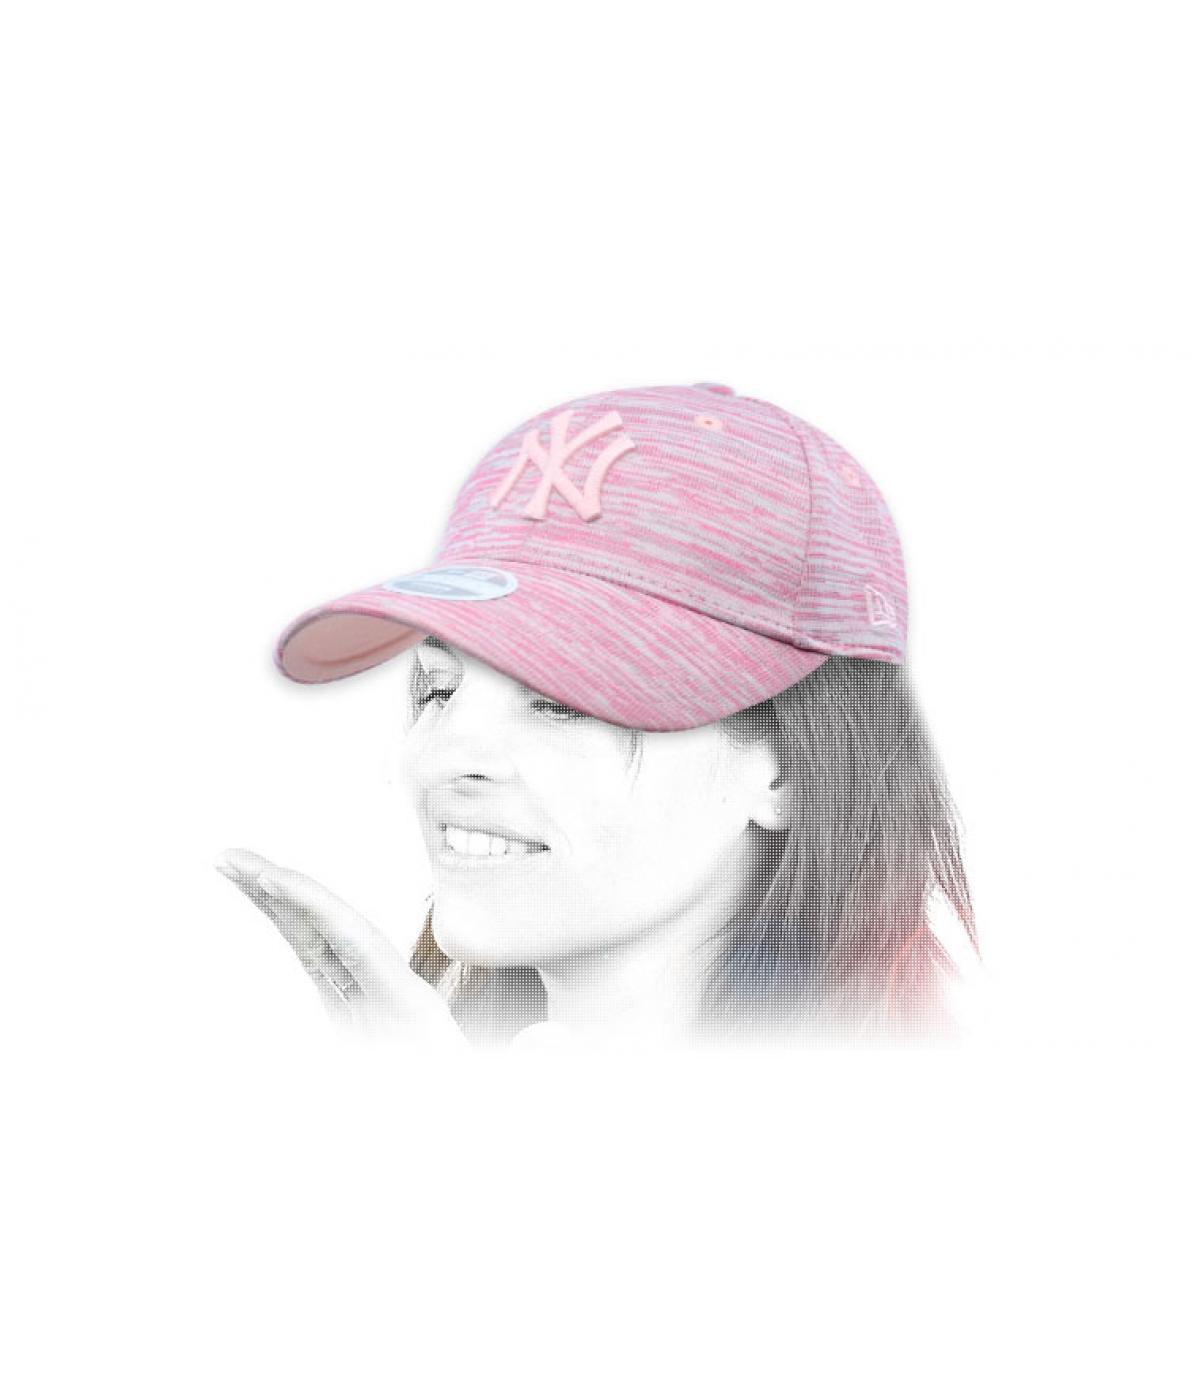 Cappellino da donna rosa firmato NY